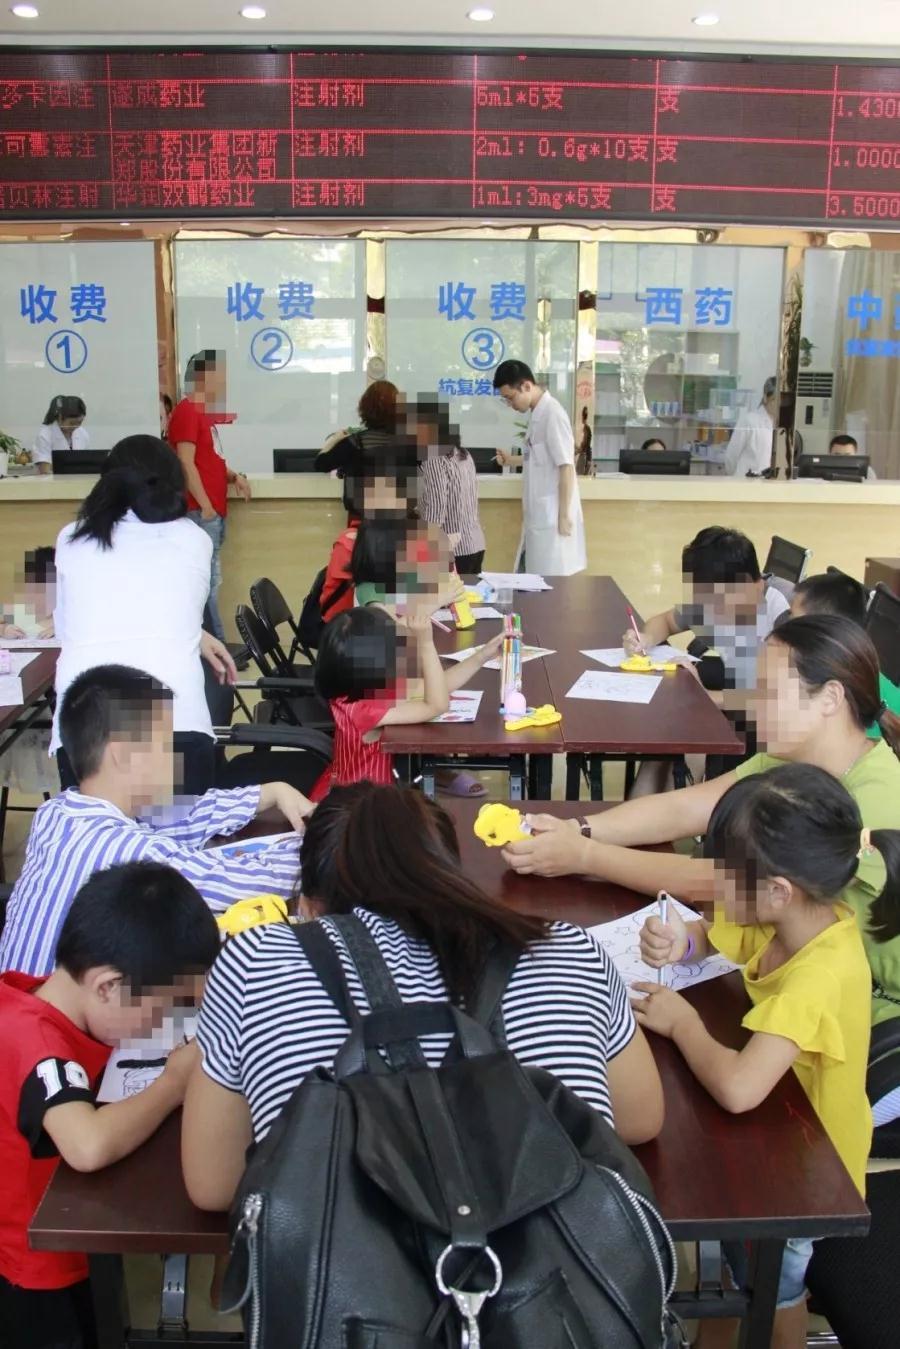 通知:2019广州新世纪白癜风医院首届暑期趣味夏令营活动正在进行中... ...